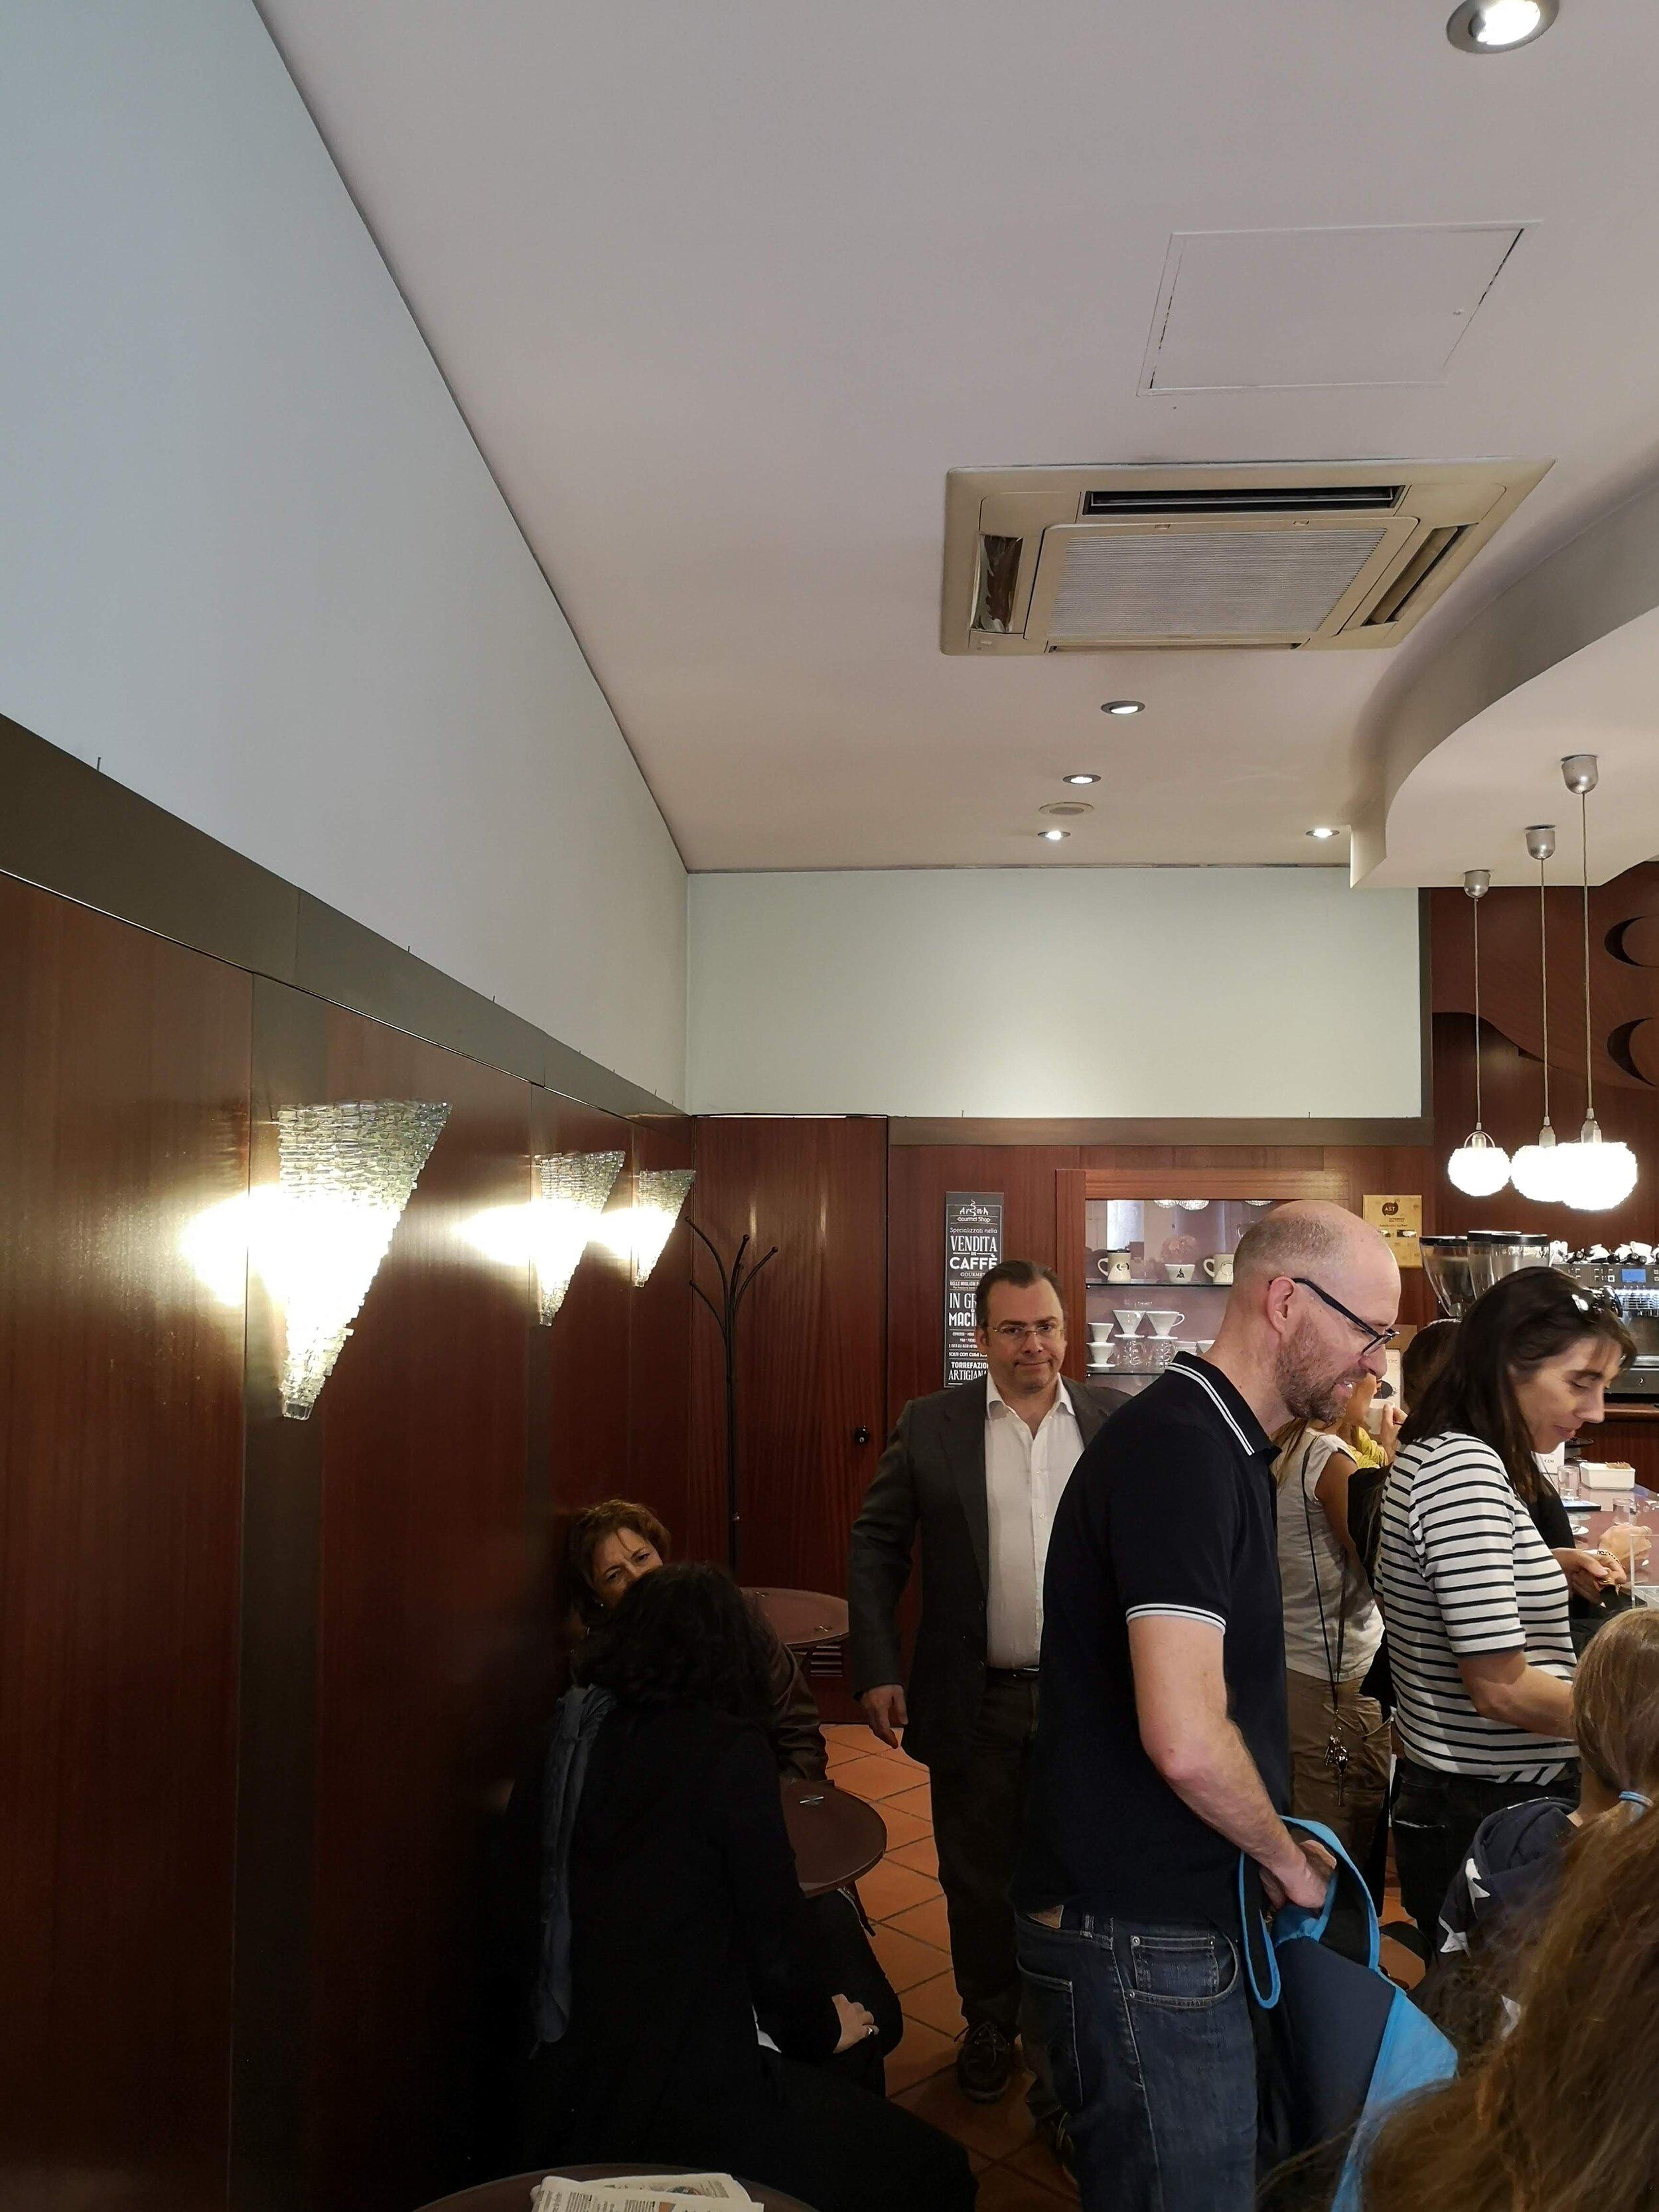 coffee shop inside.jpg